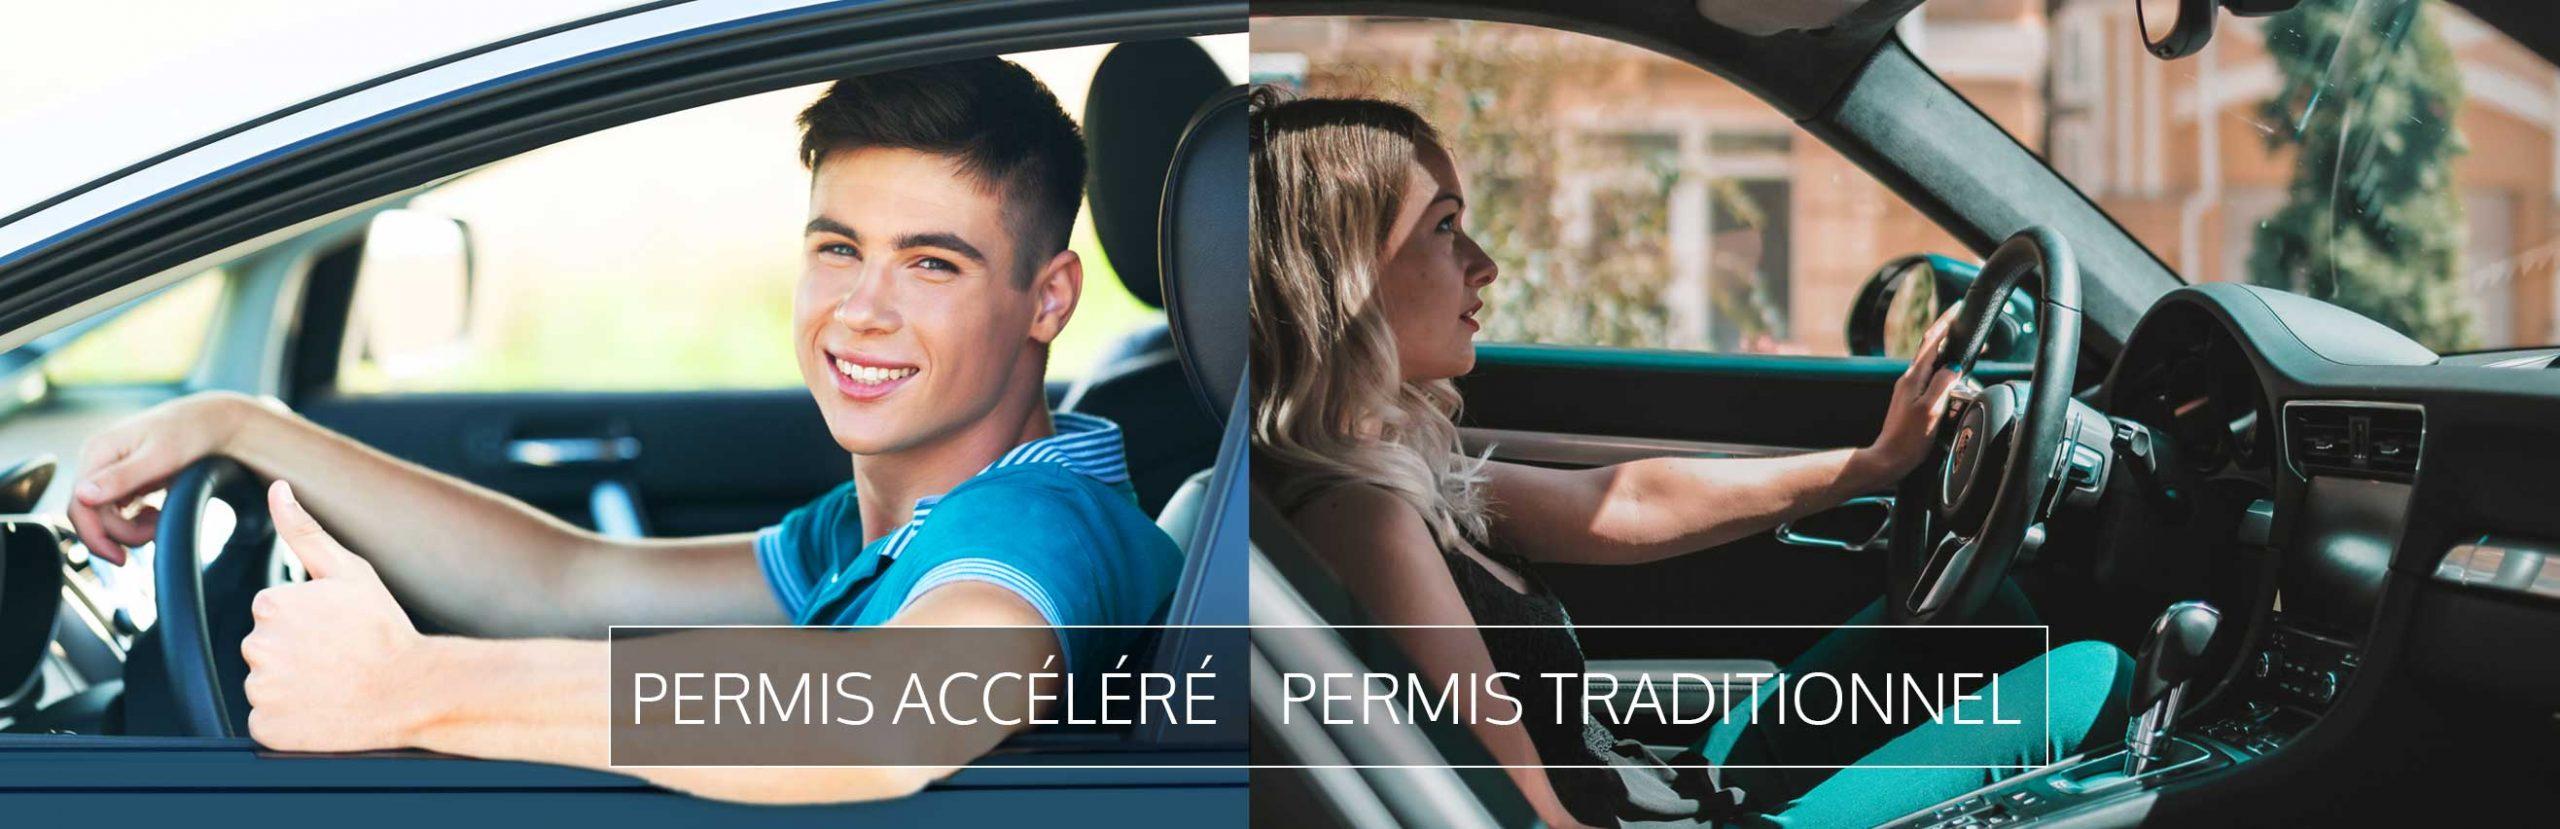 Formations et tarifs des formules de l'auto-école Maillotte à Besançon [aem_FormationsTarifsB1198481]